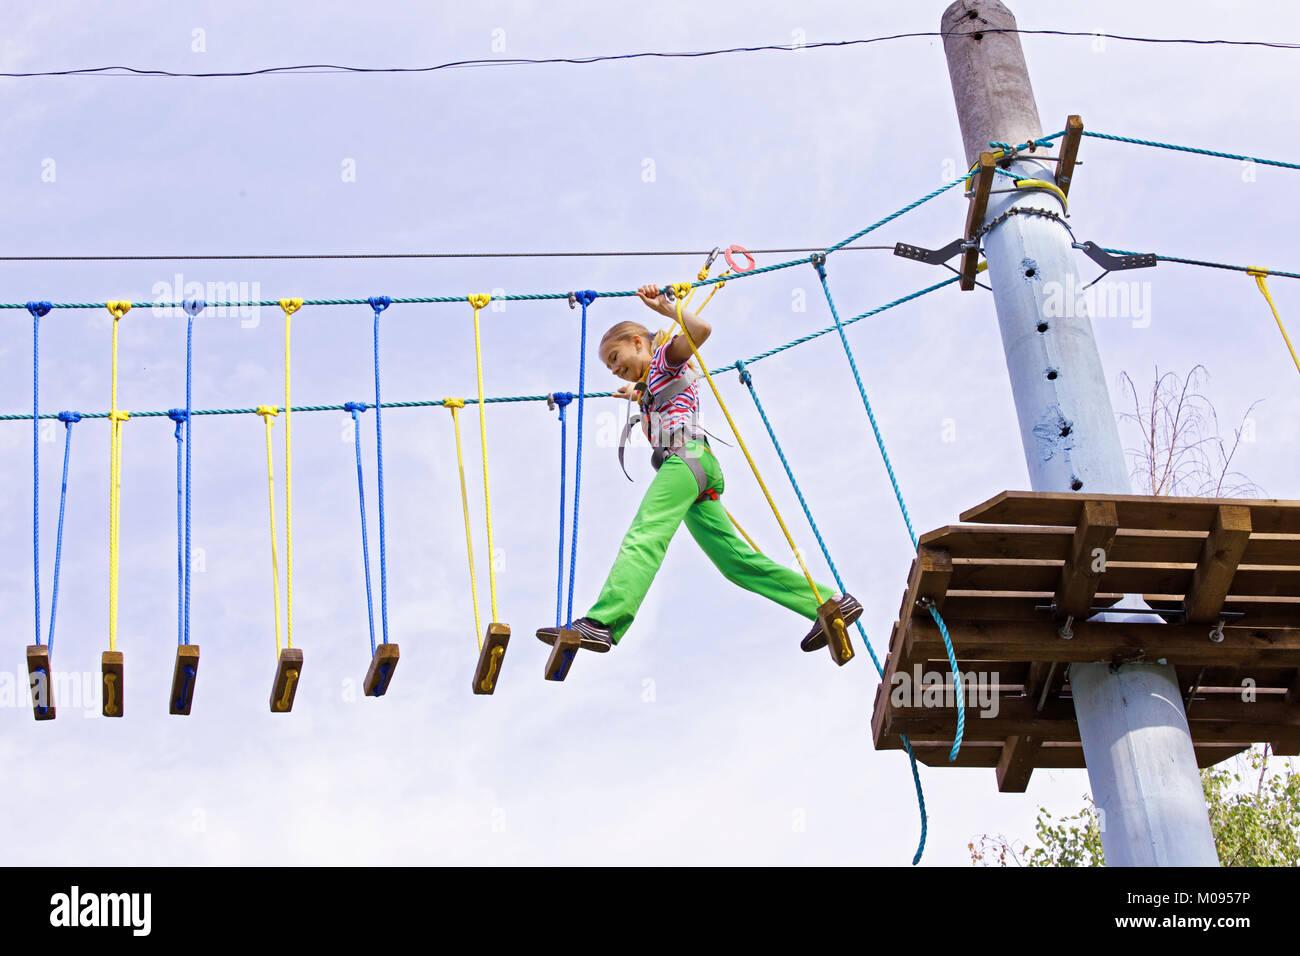 Una ragazza adolescente si muove con fiducia su tavole oscillanti in altezza in una corda park. Coraggio e superare Immagini Stock